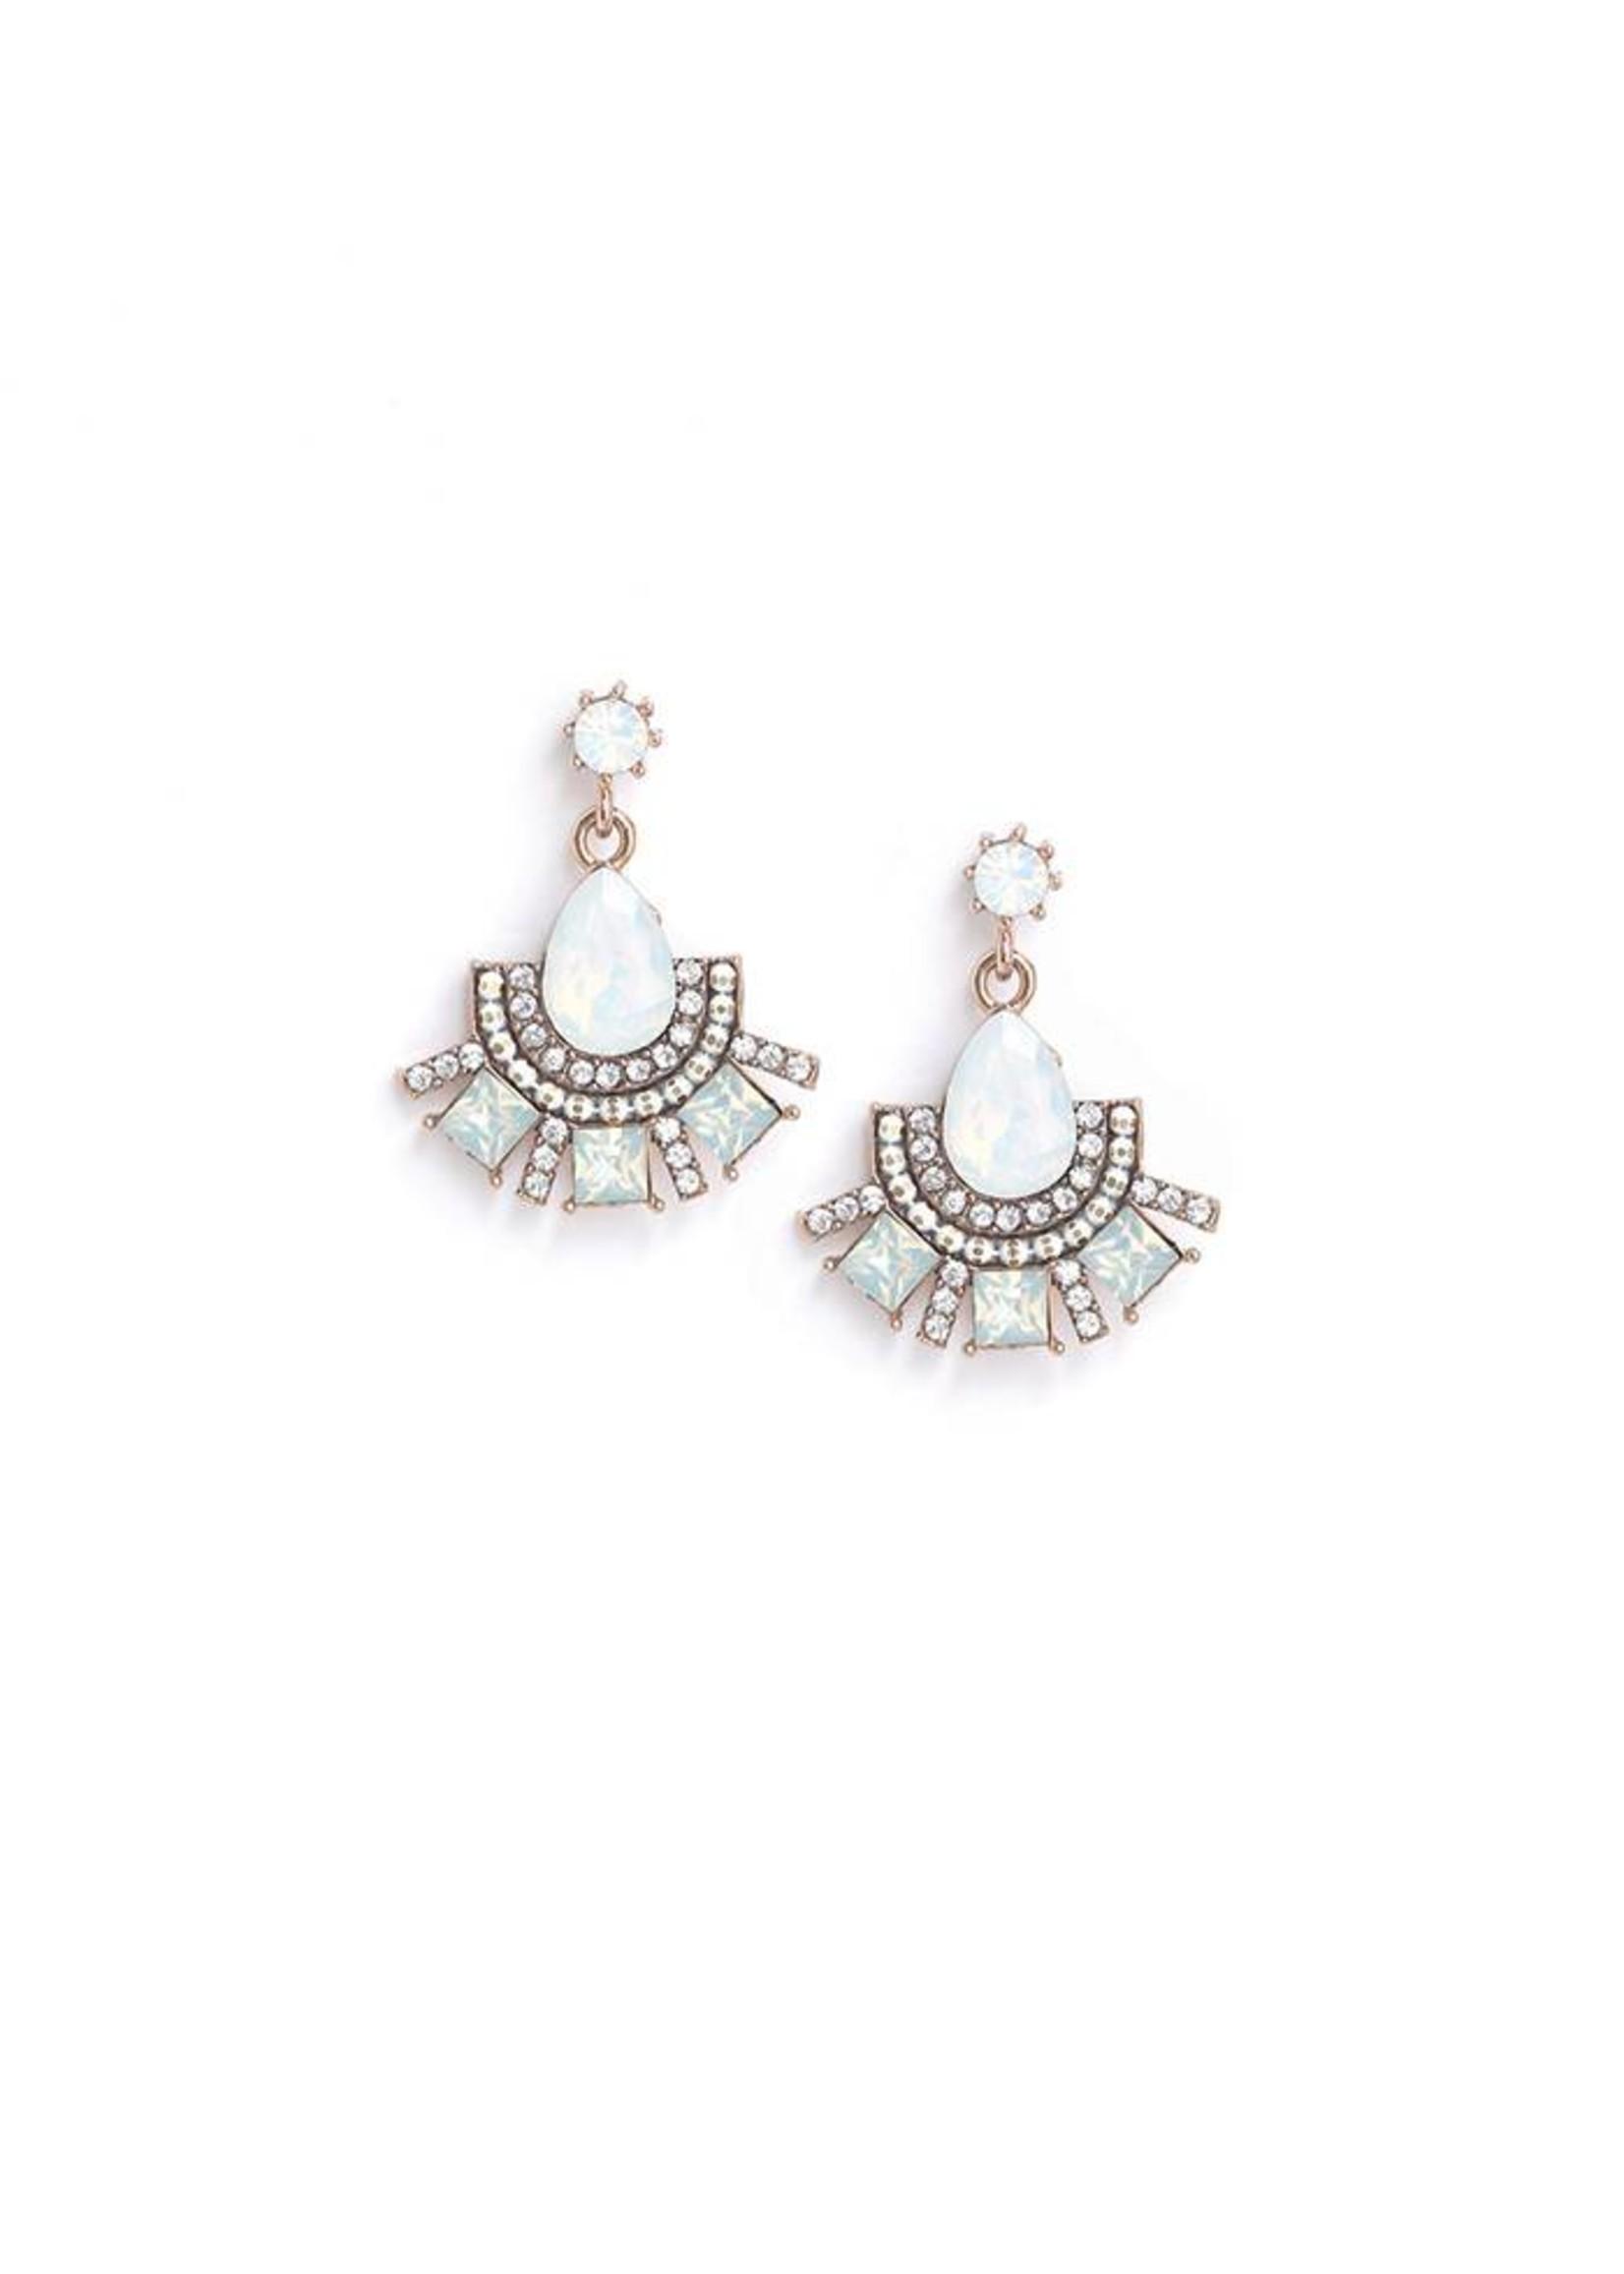 Allegro Fan Drop Earrings